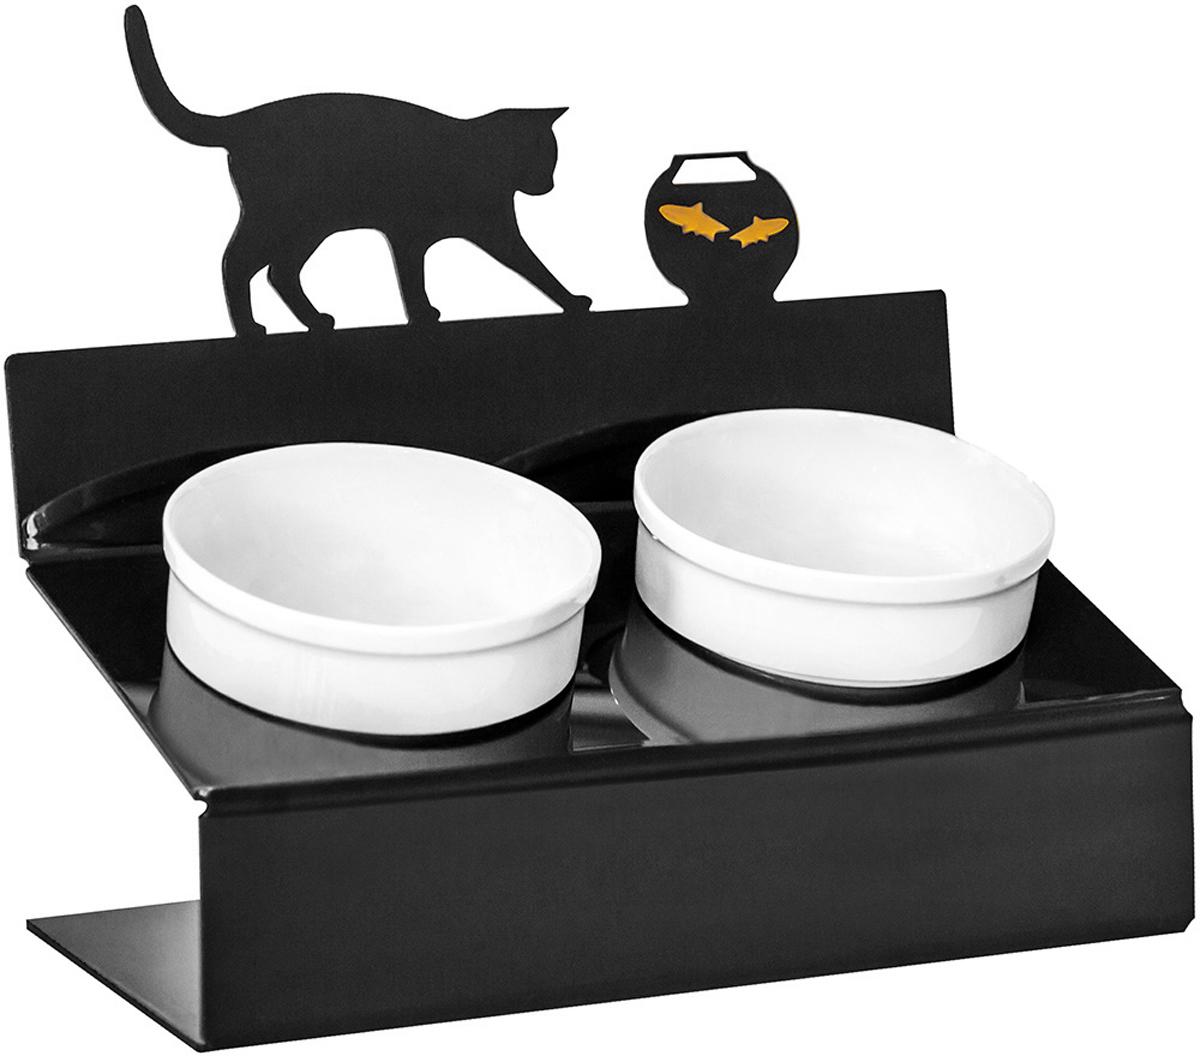 Миска для животных Artmiska  Кот и рыбы , двойная, на подставке, цвет: черный, 2 х 350 мл - Аксессуары для кормления